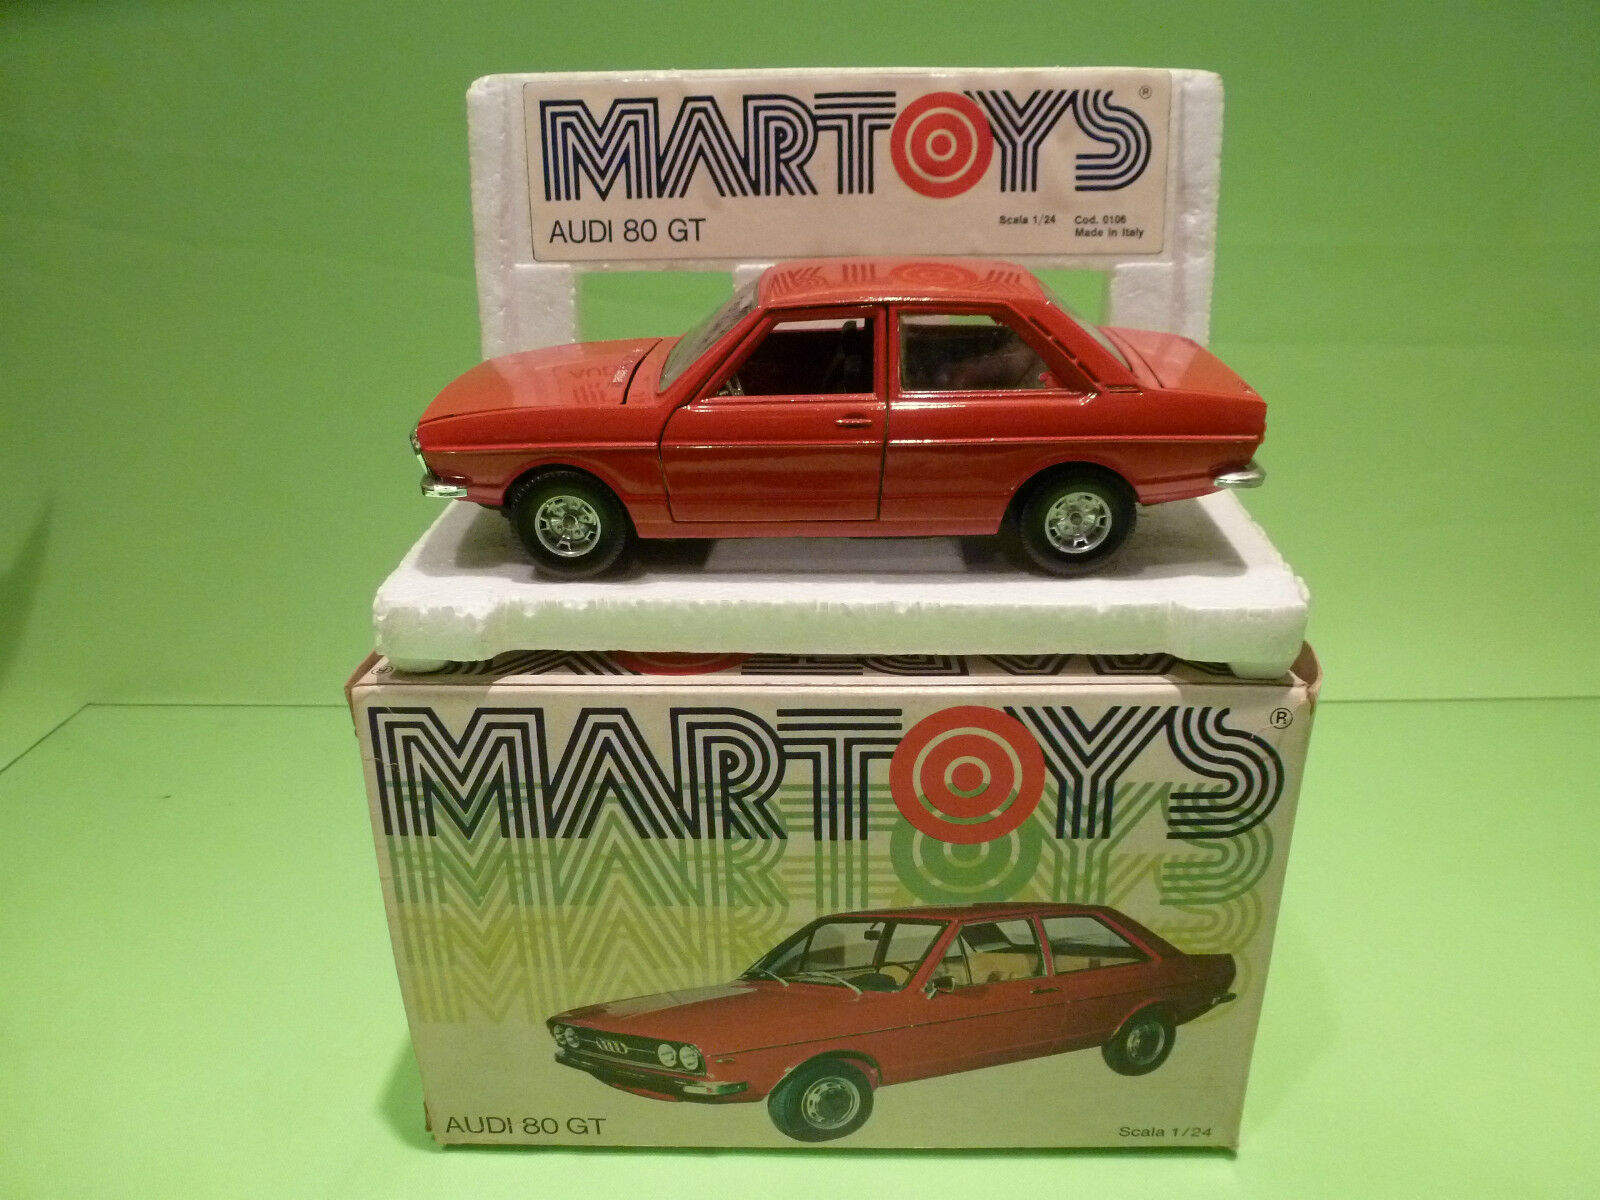 MARTOYS  1 24  - AUDI 80 GT   0106  - IN ORGINAL  BOX   - GOOD  CONDITION